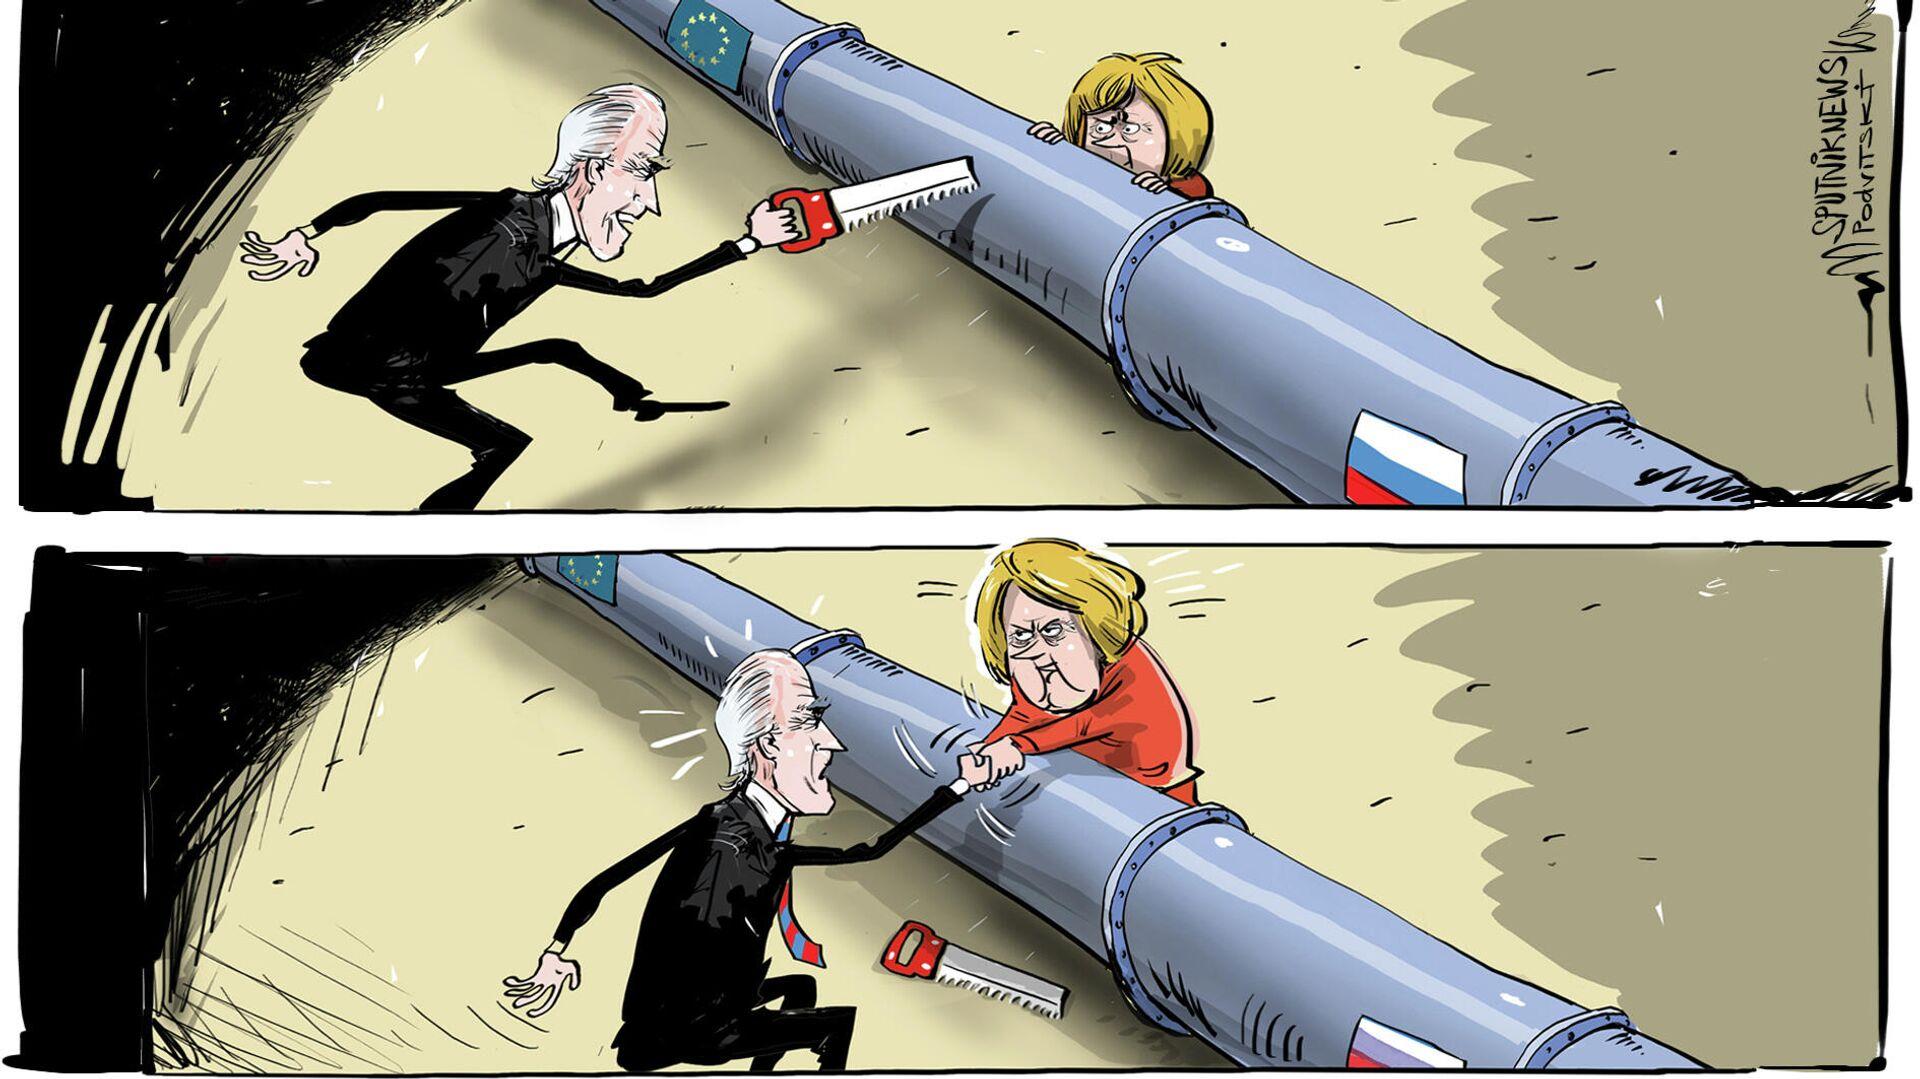 ¿EEUU y Alemania finalmente se darán la mano? - Sputnik Mundo, 1920, 20.07.2021